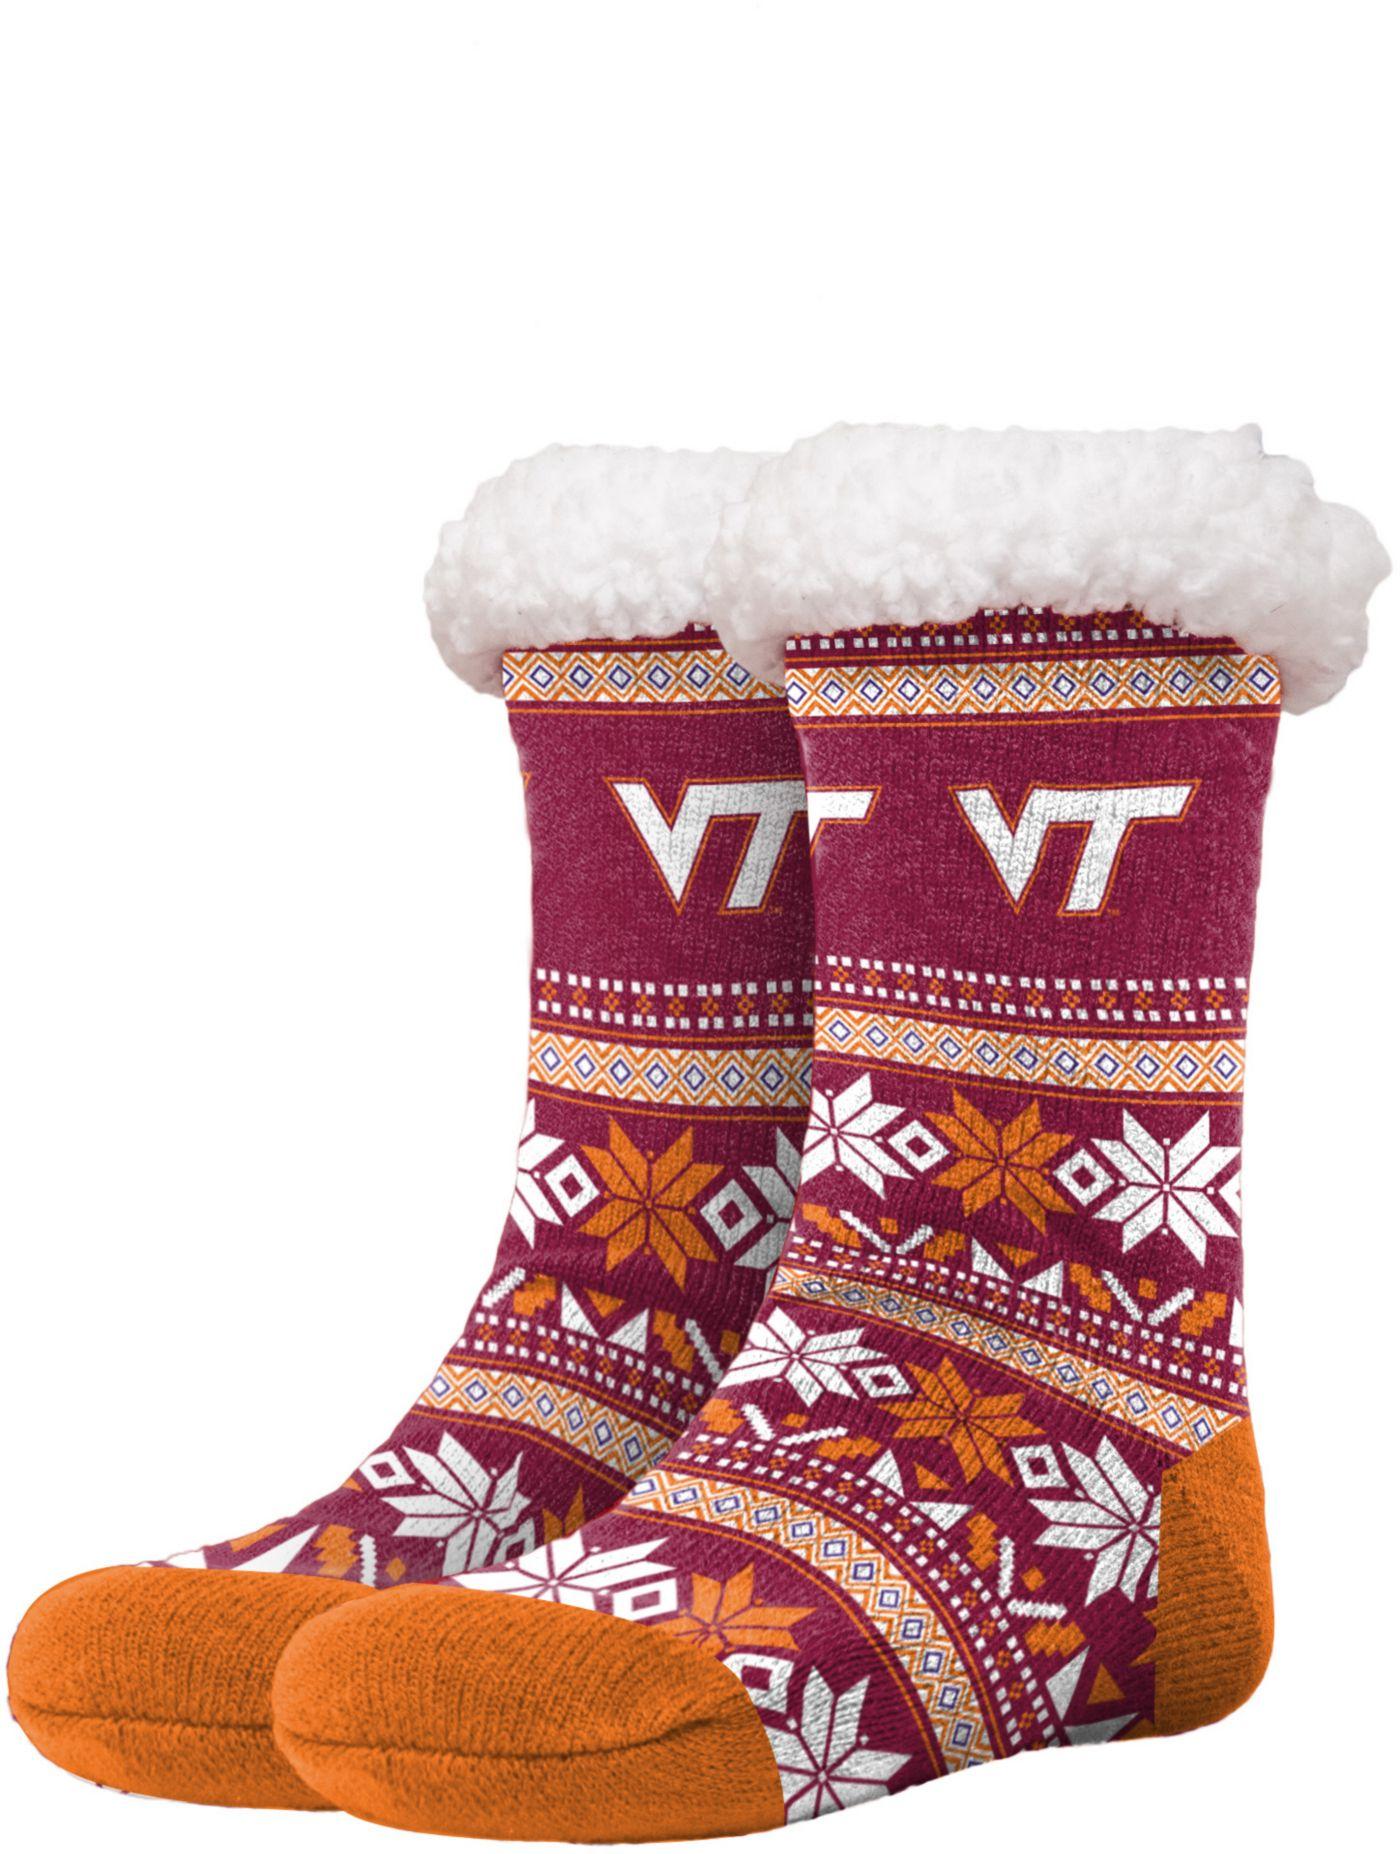 FOCO Virginia Tech Hokies Footy Slippers